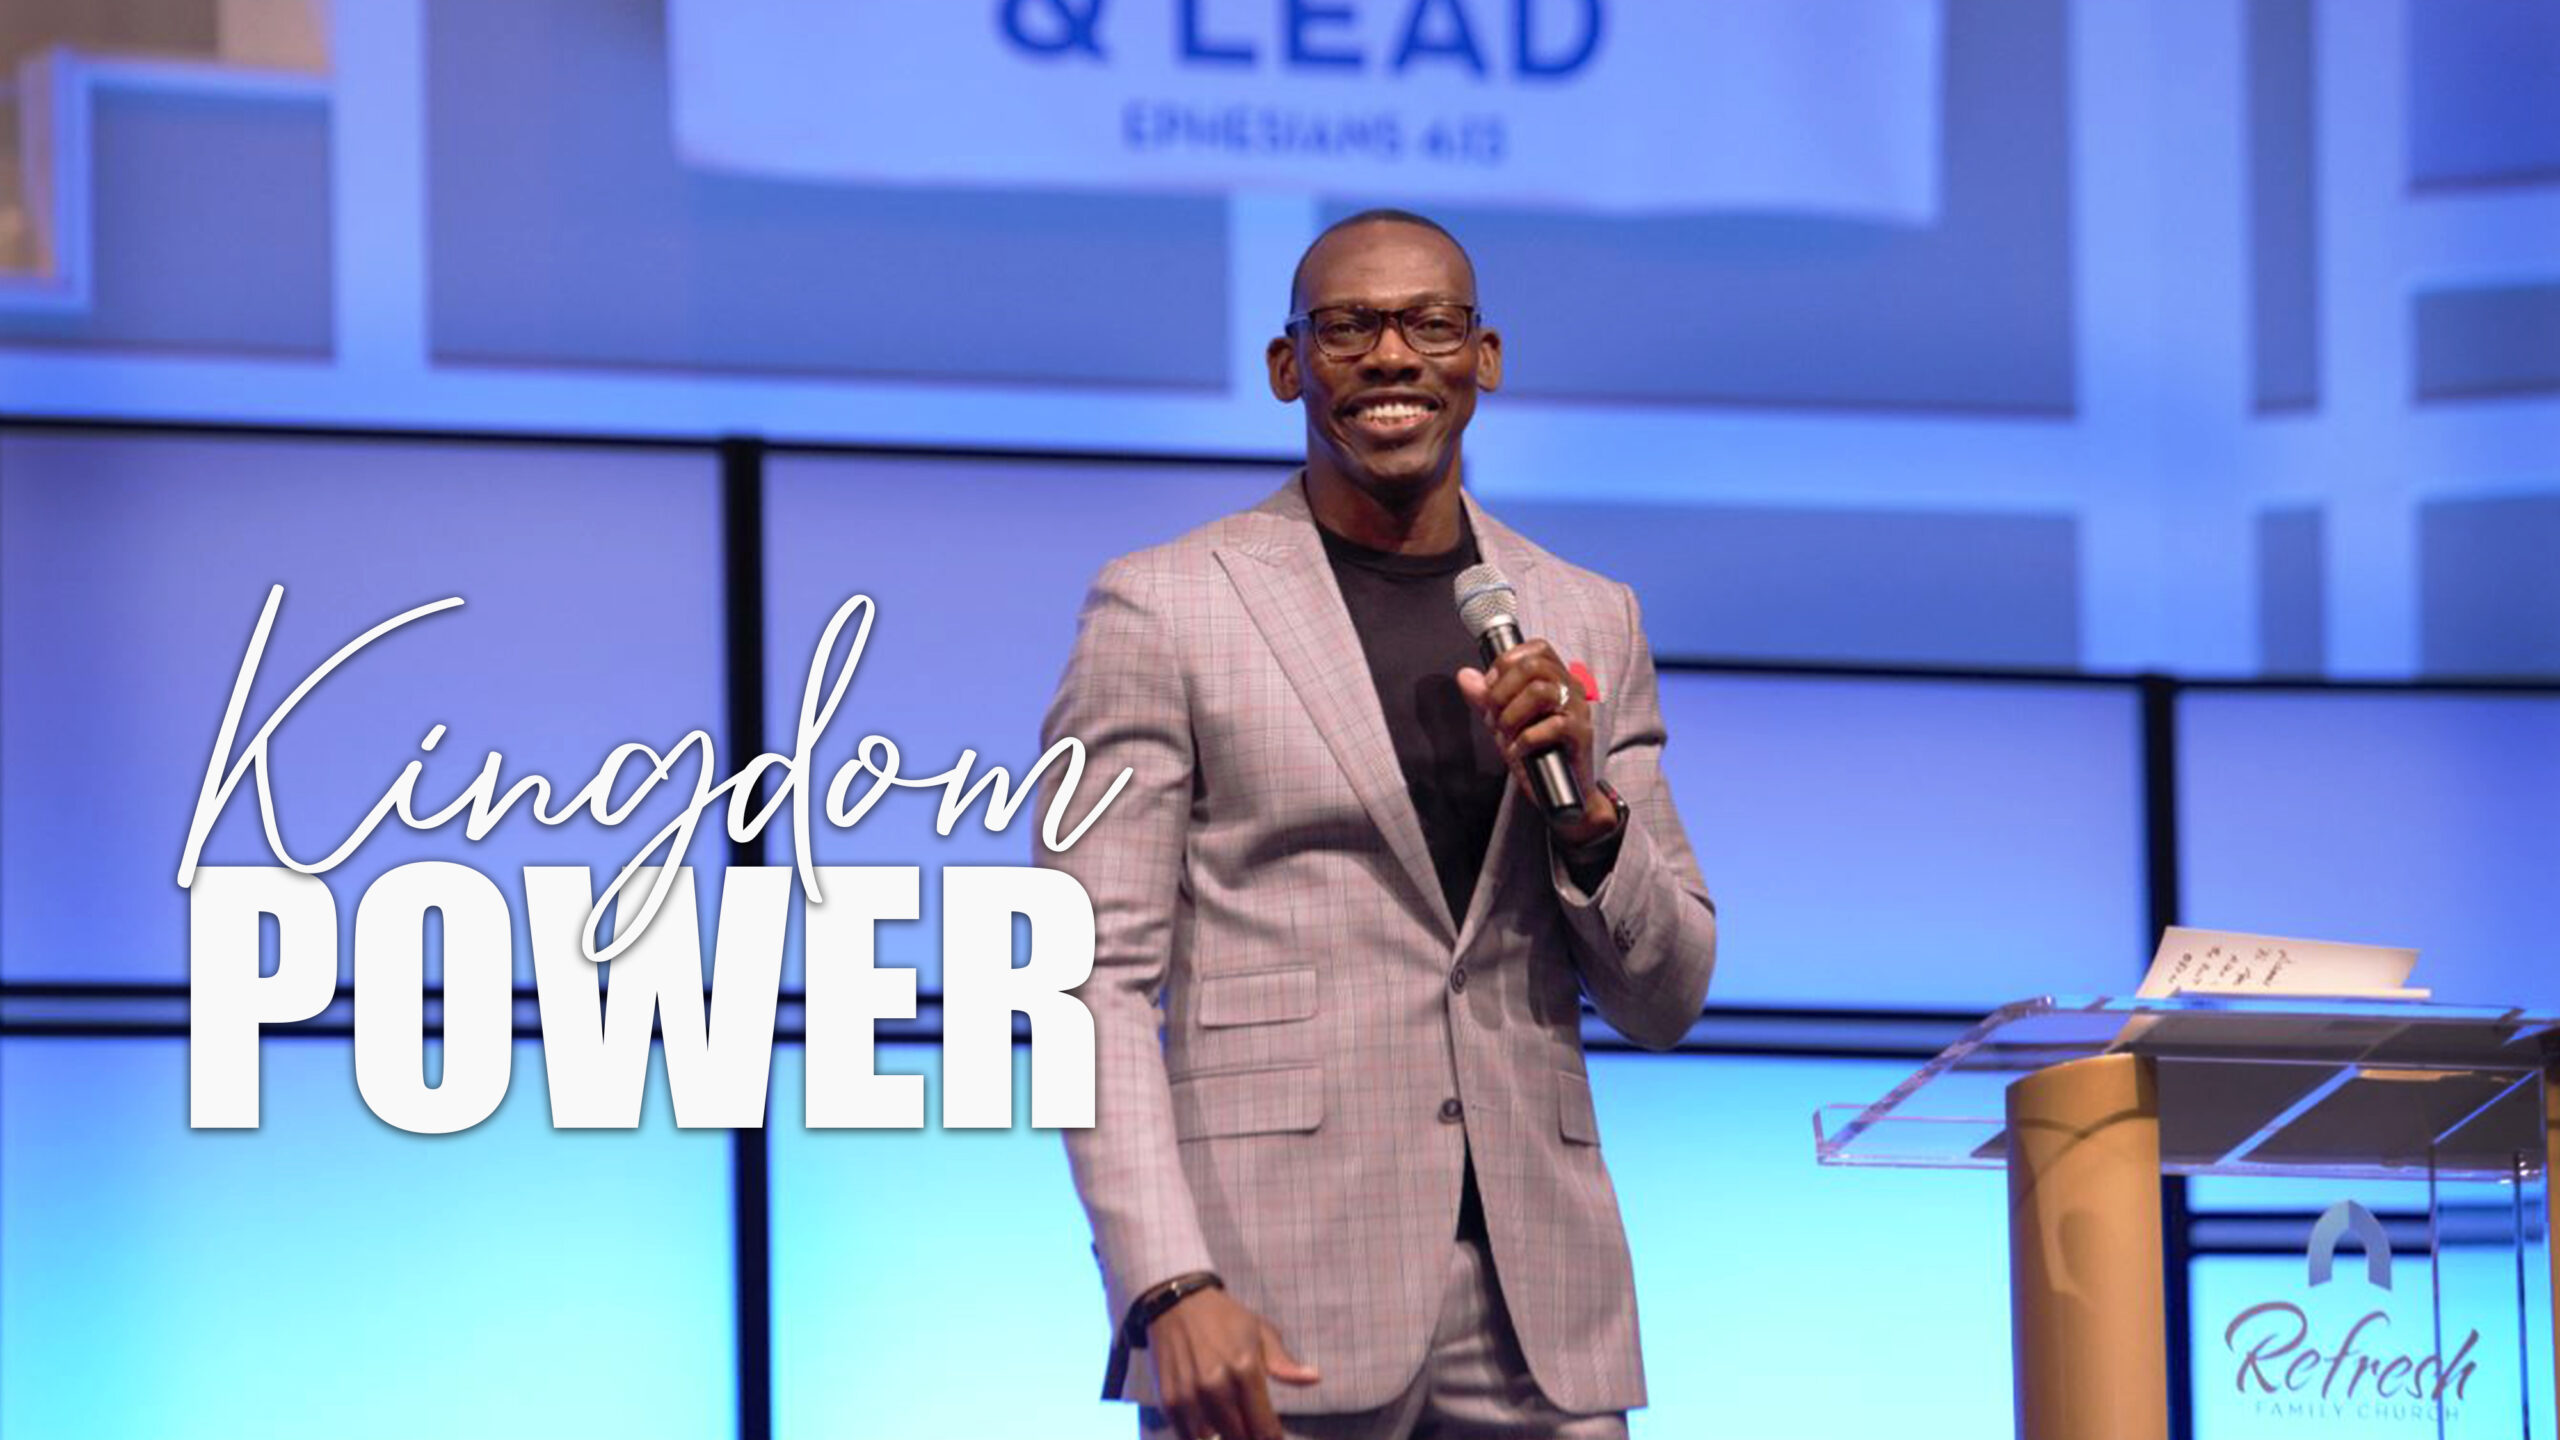 Kingdom Power